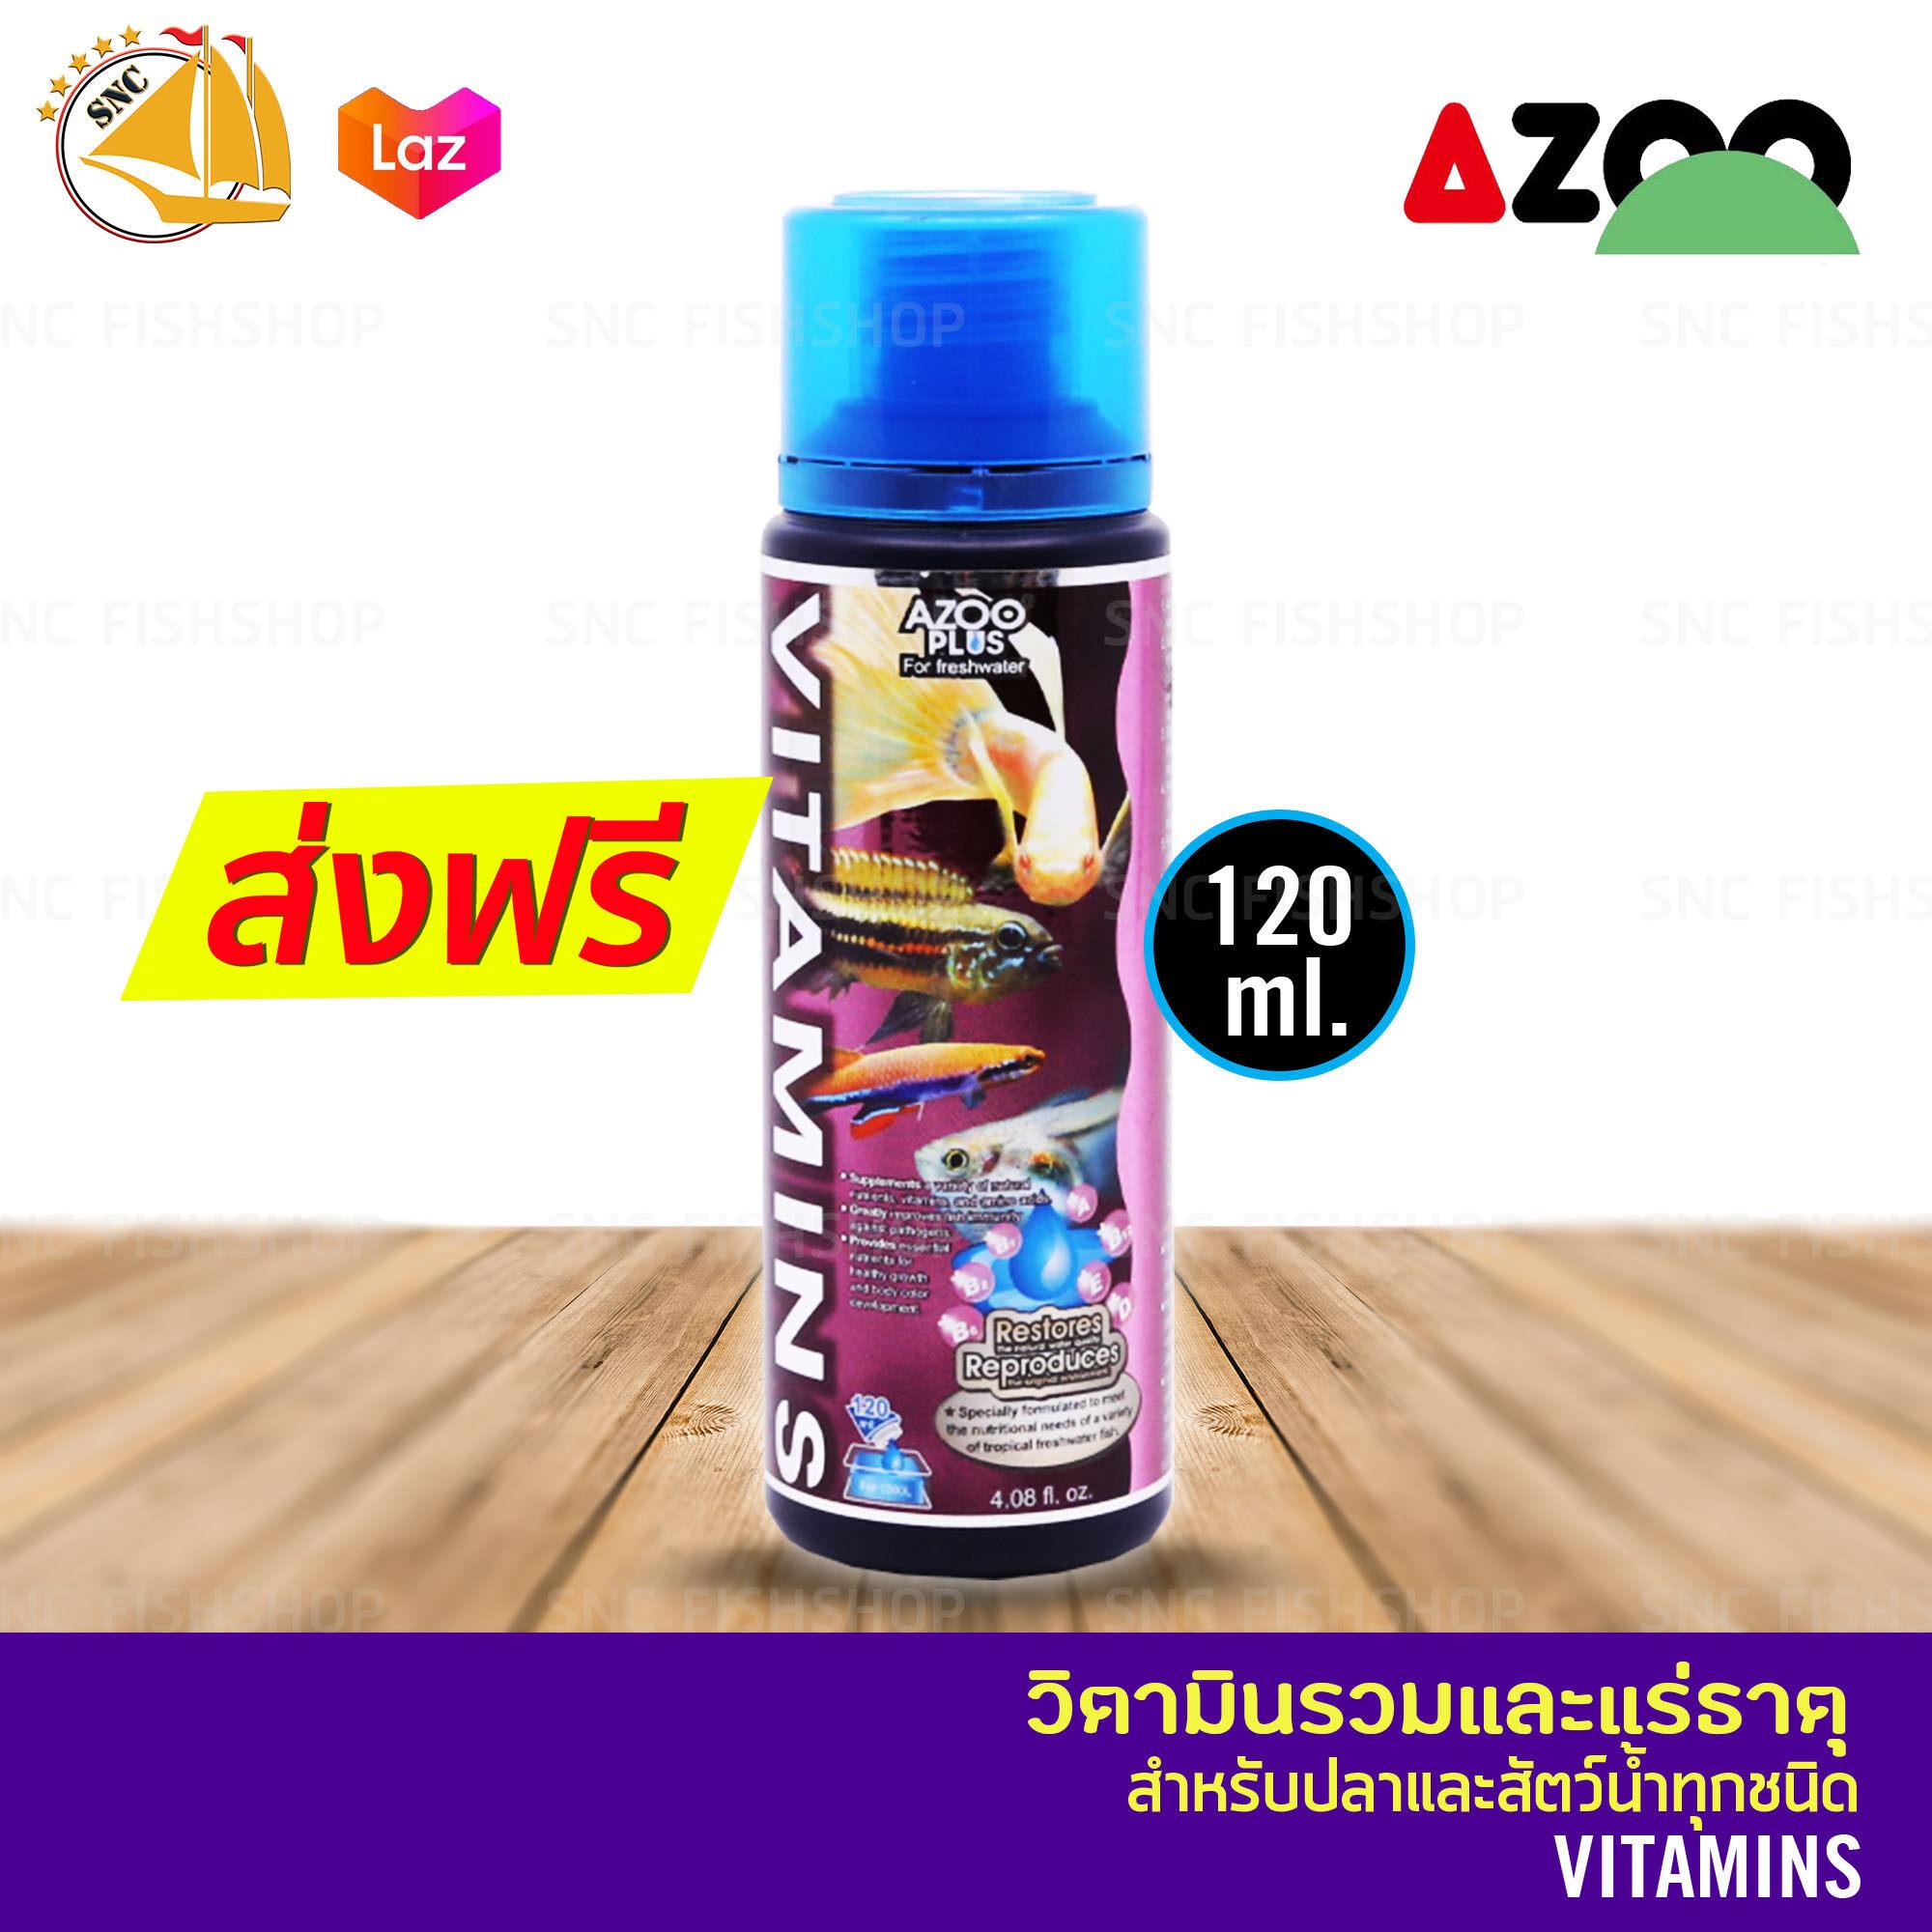 Azoo Vitamins วิตามินรวมและแร่ธาตุ สำหรับปลาและสัตว์น้ำทุกชนิด 120ml.